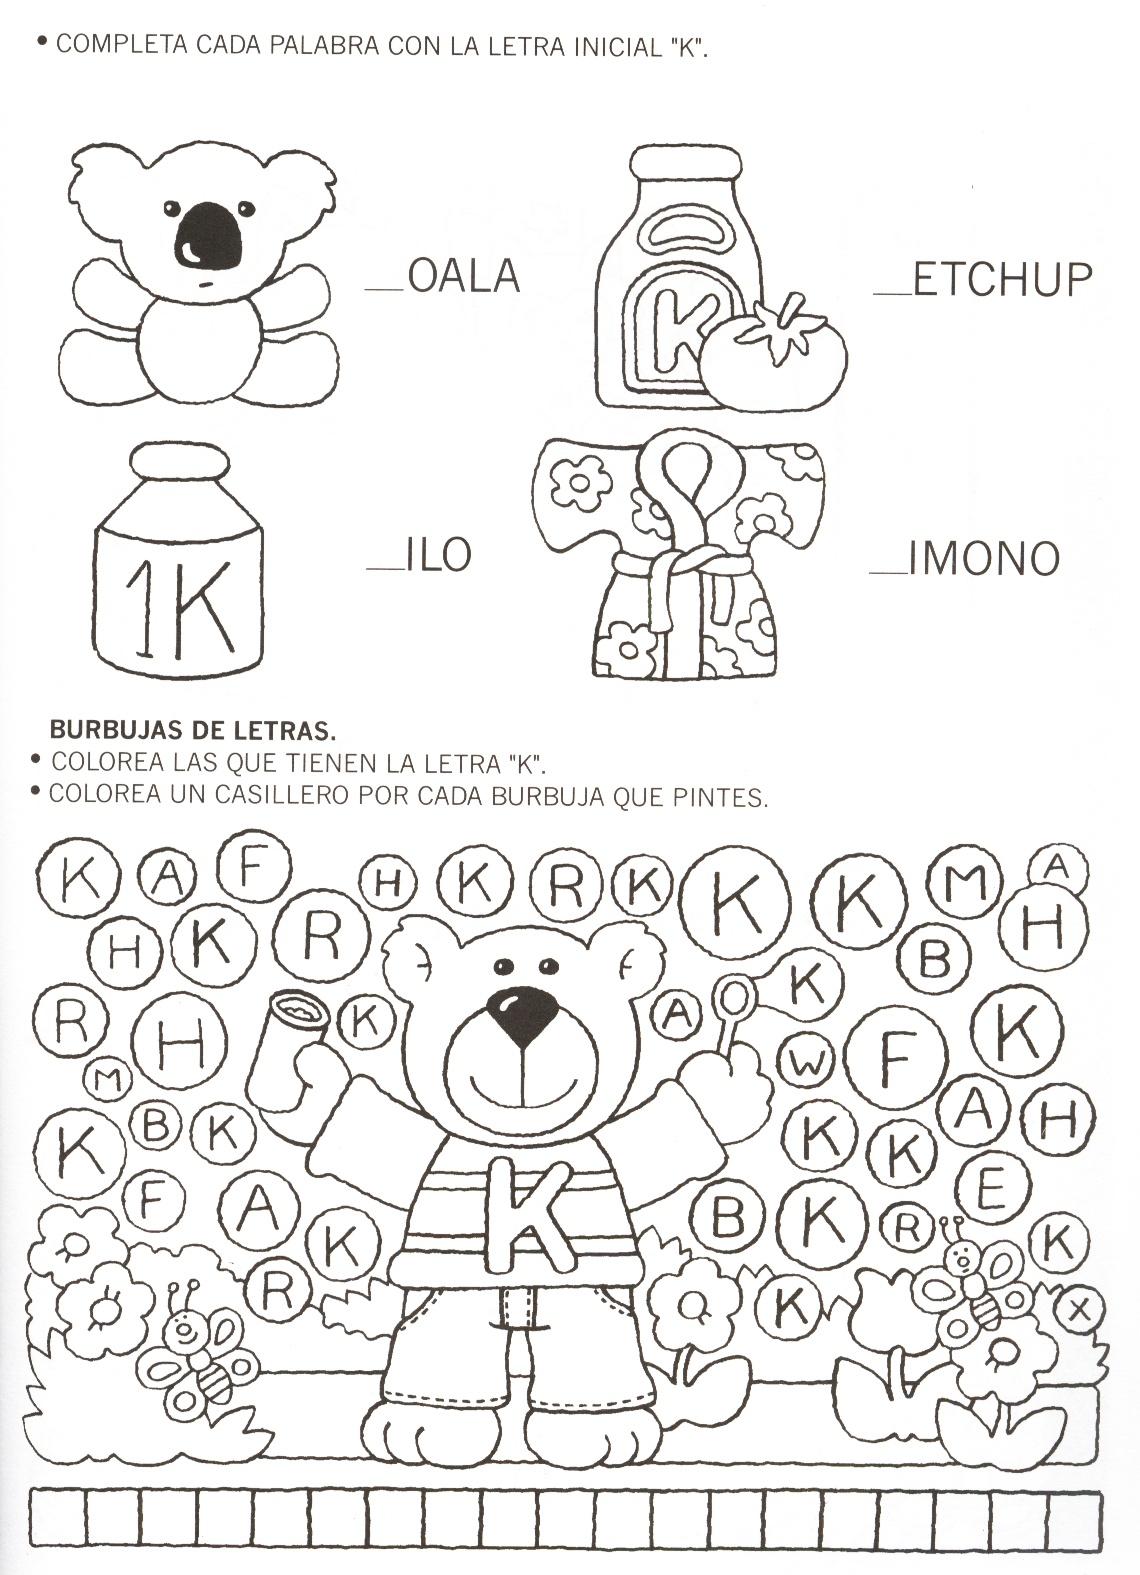 Excepcional Hojas De Colorear Guppies De Burbujas Colección de ...